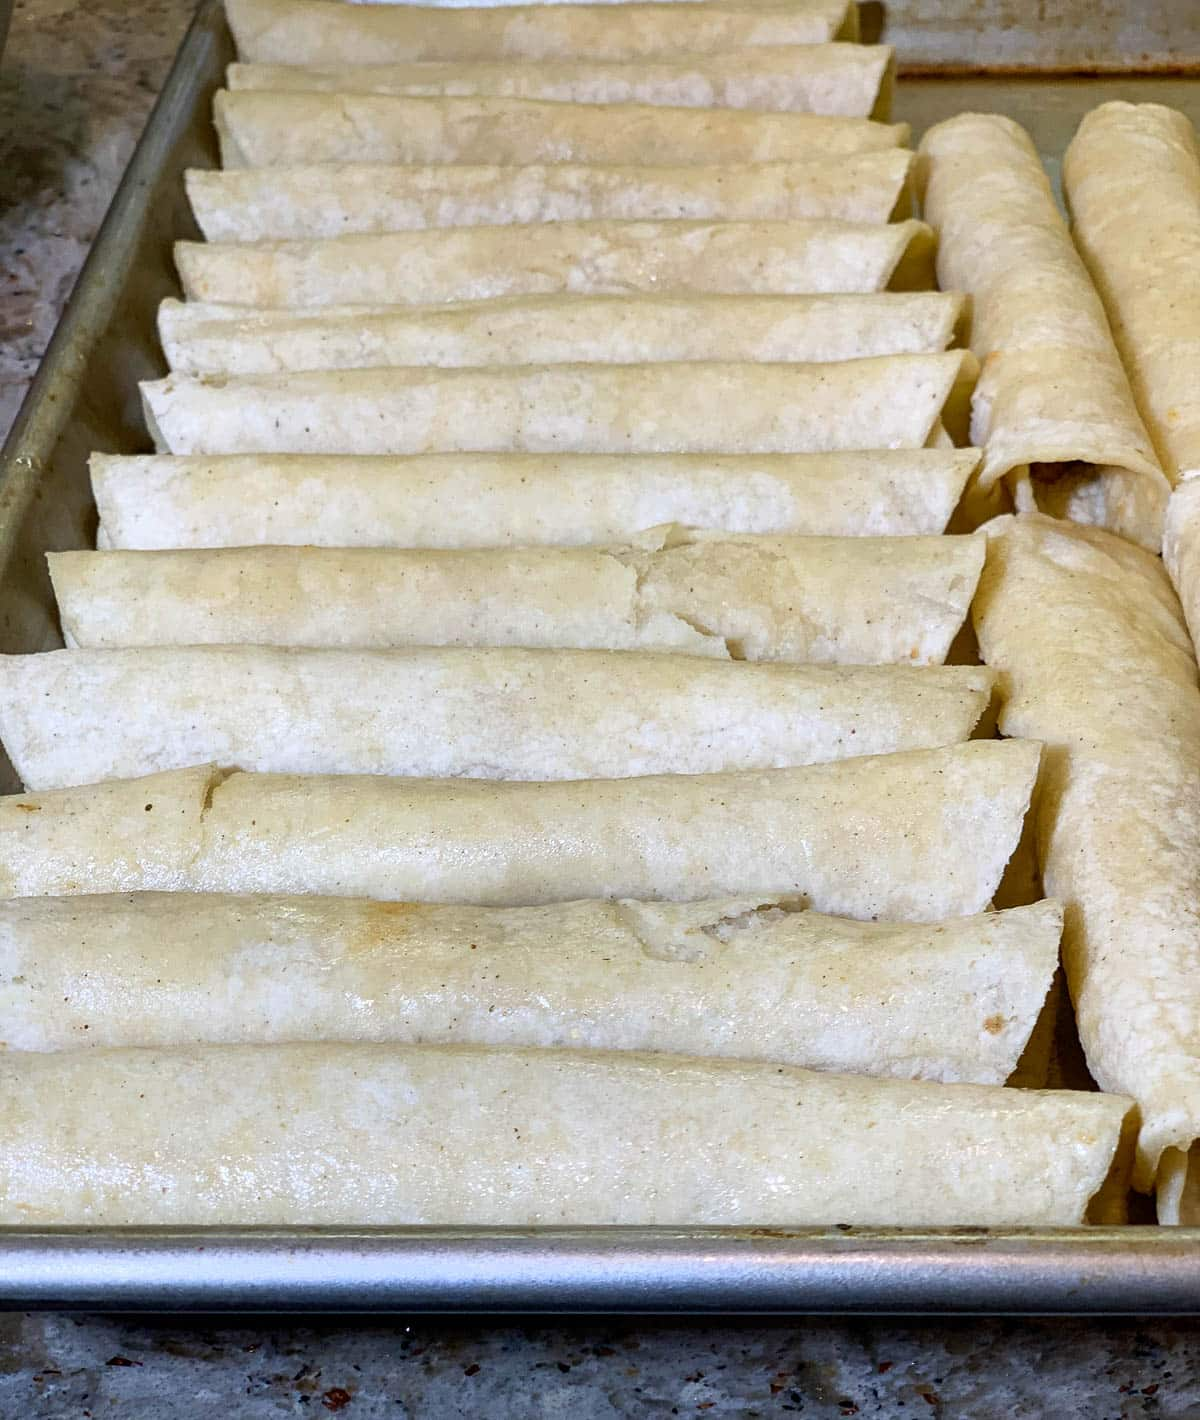 corn burritos on baking sheet